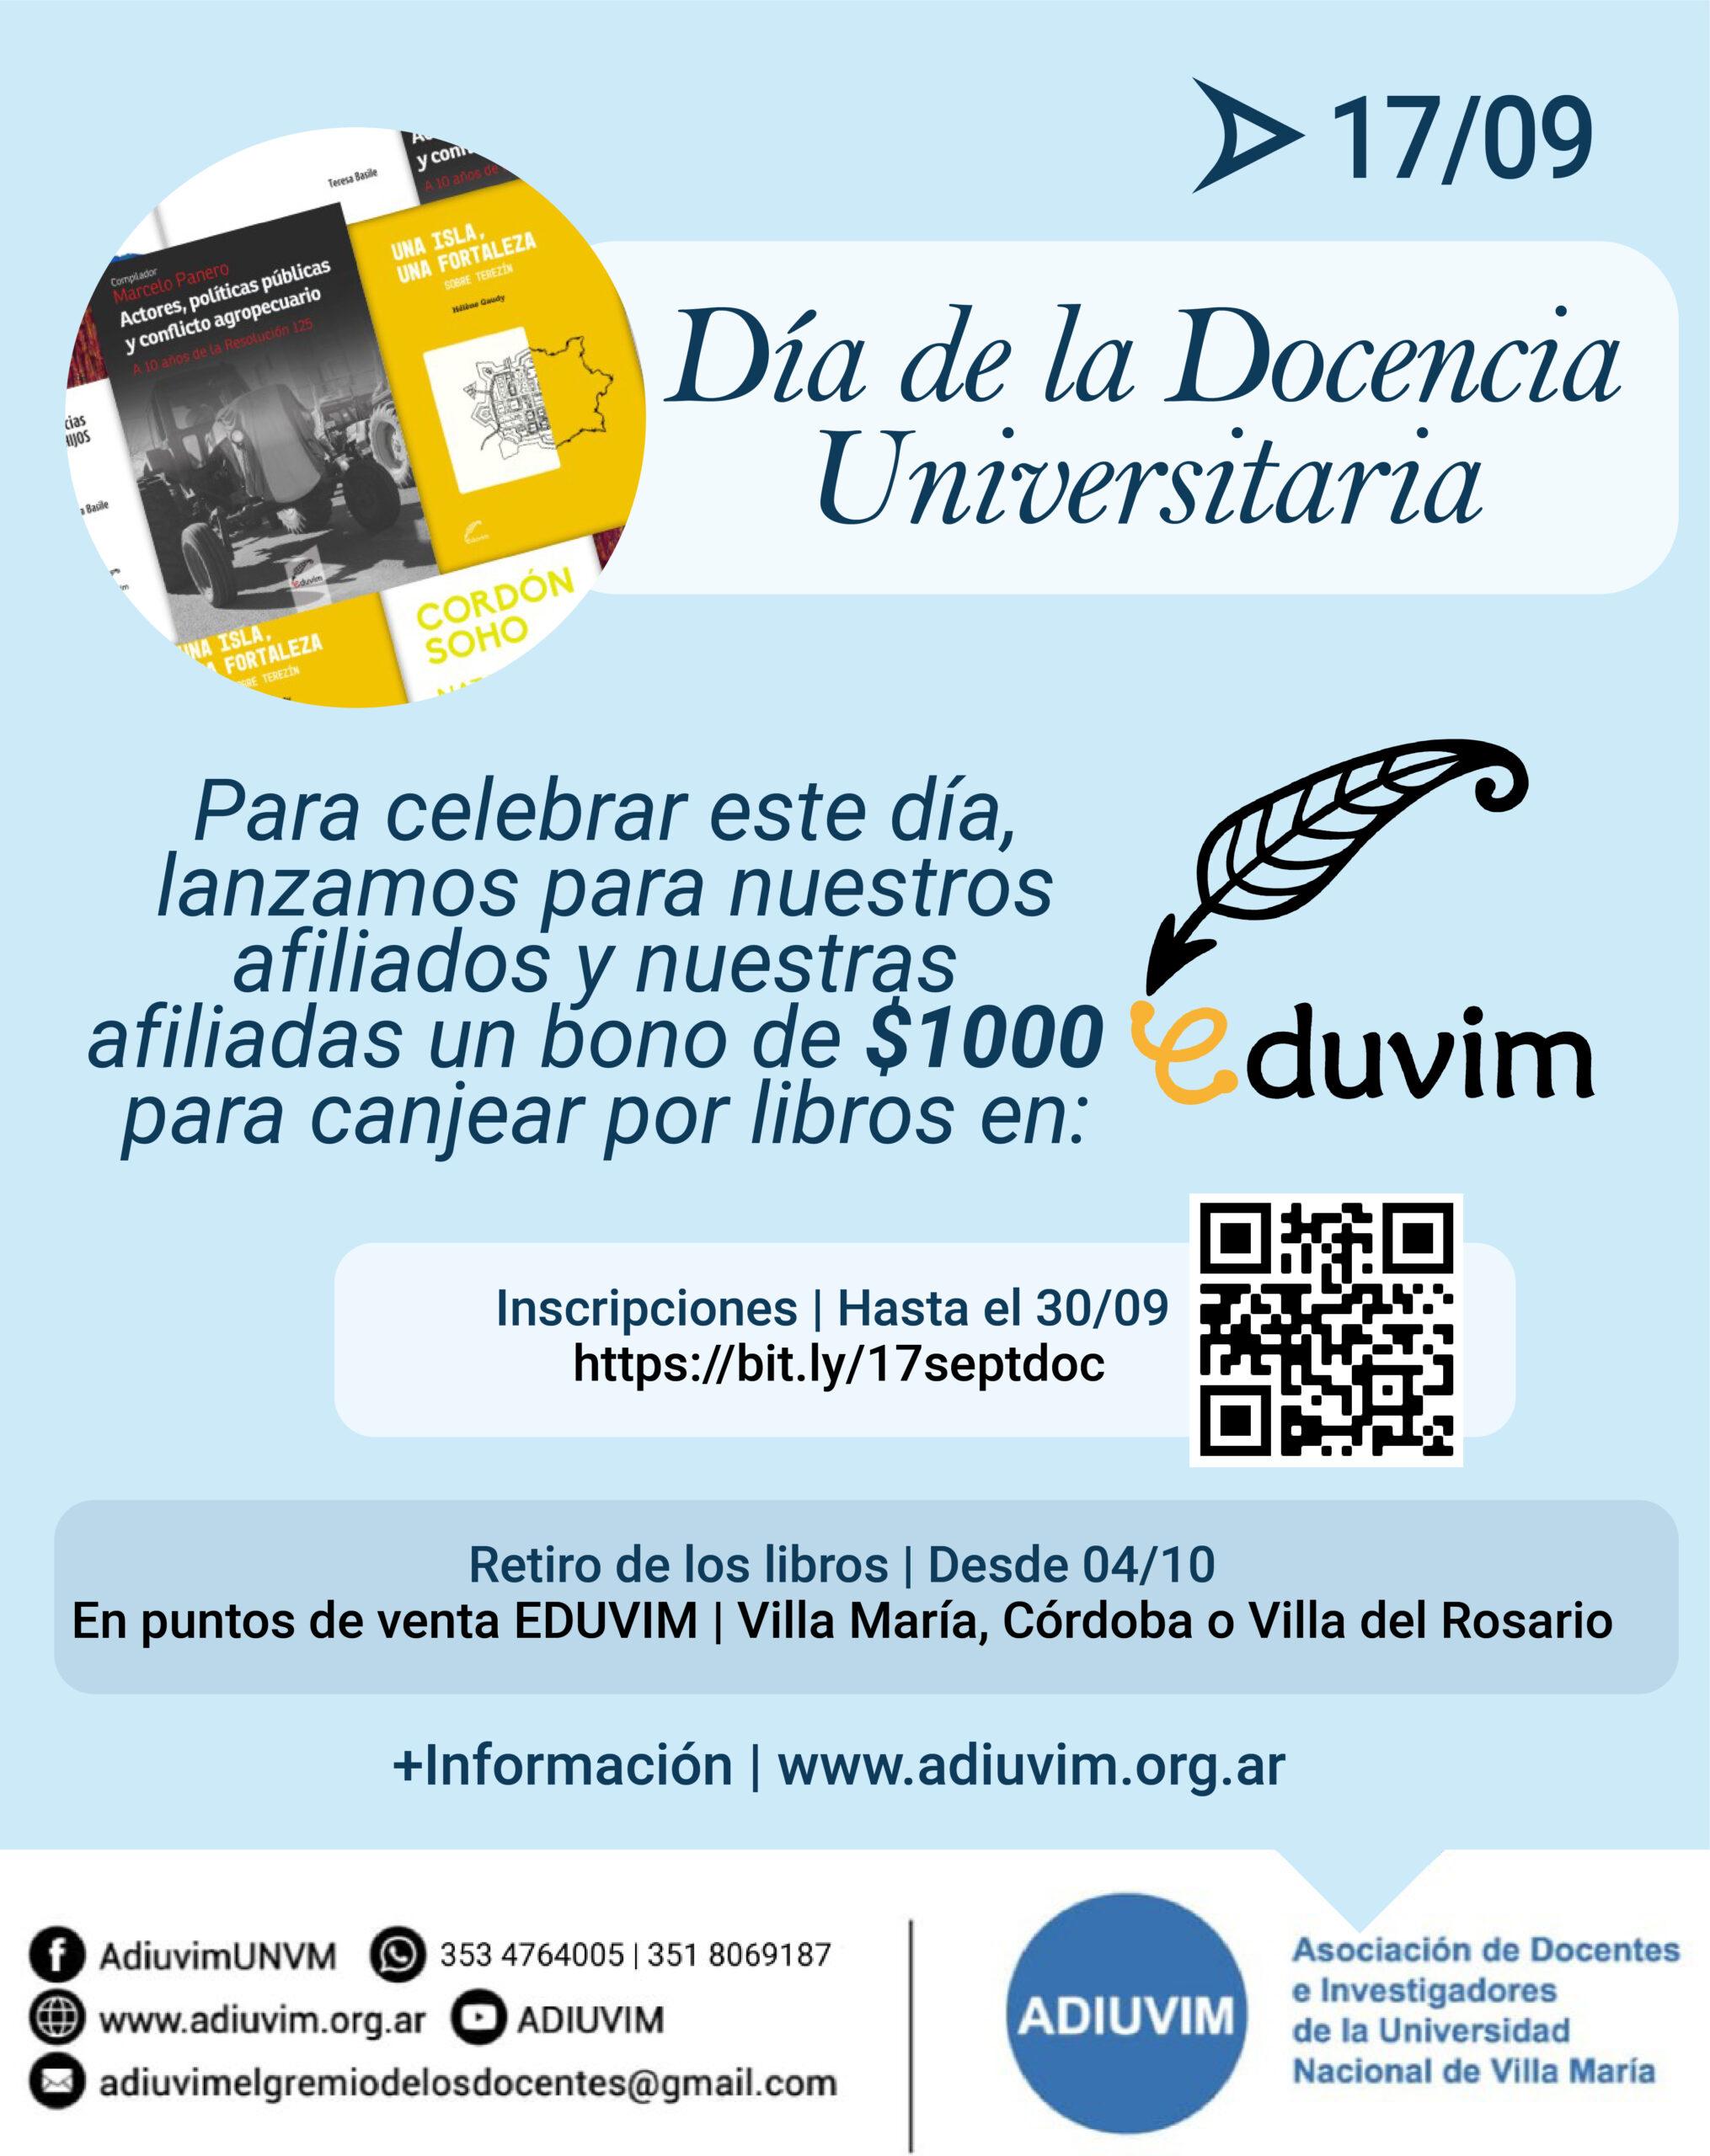 Celebramos el Día de la Docencia Universitaria